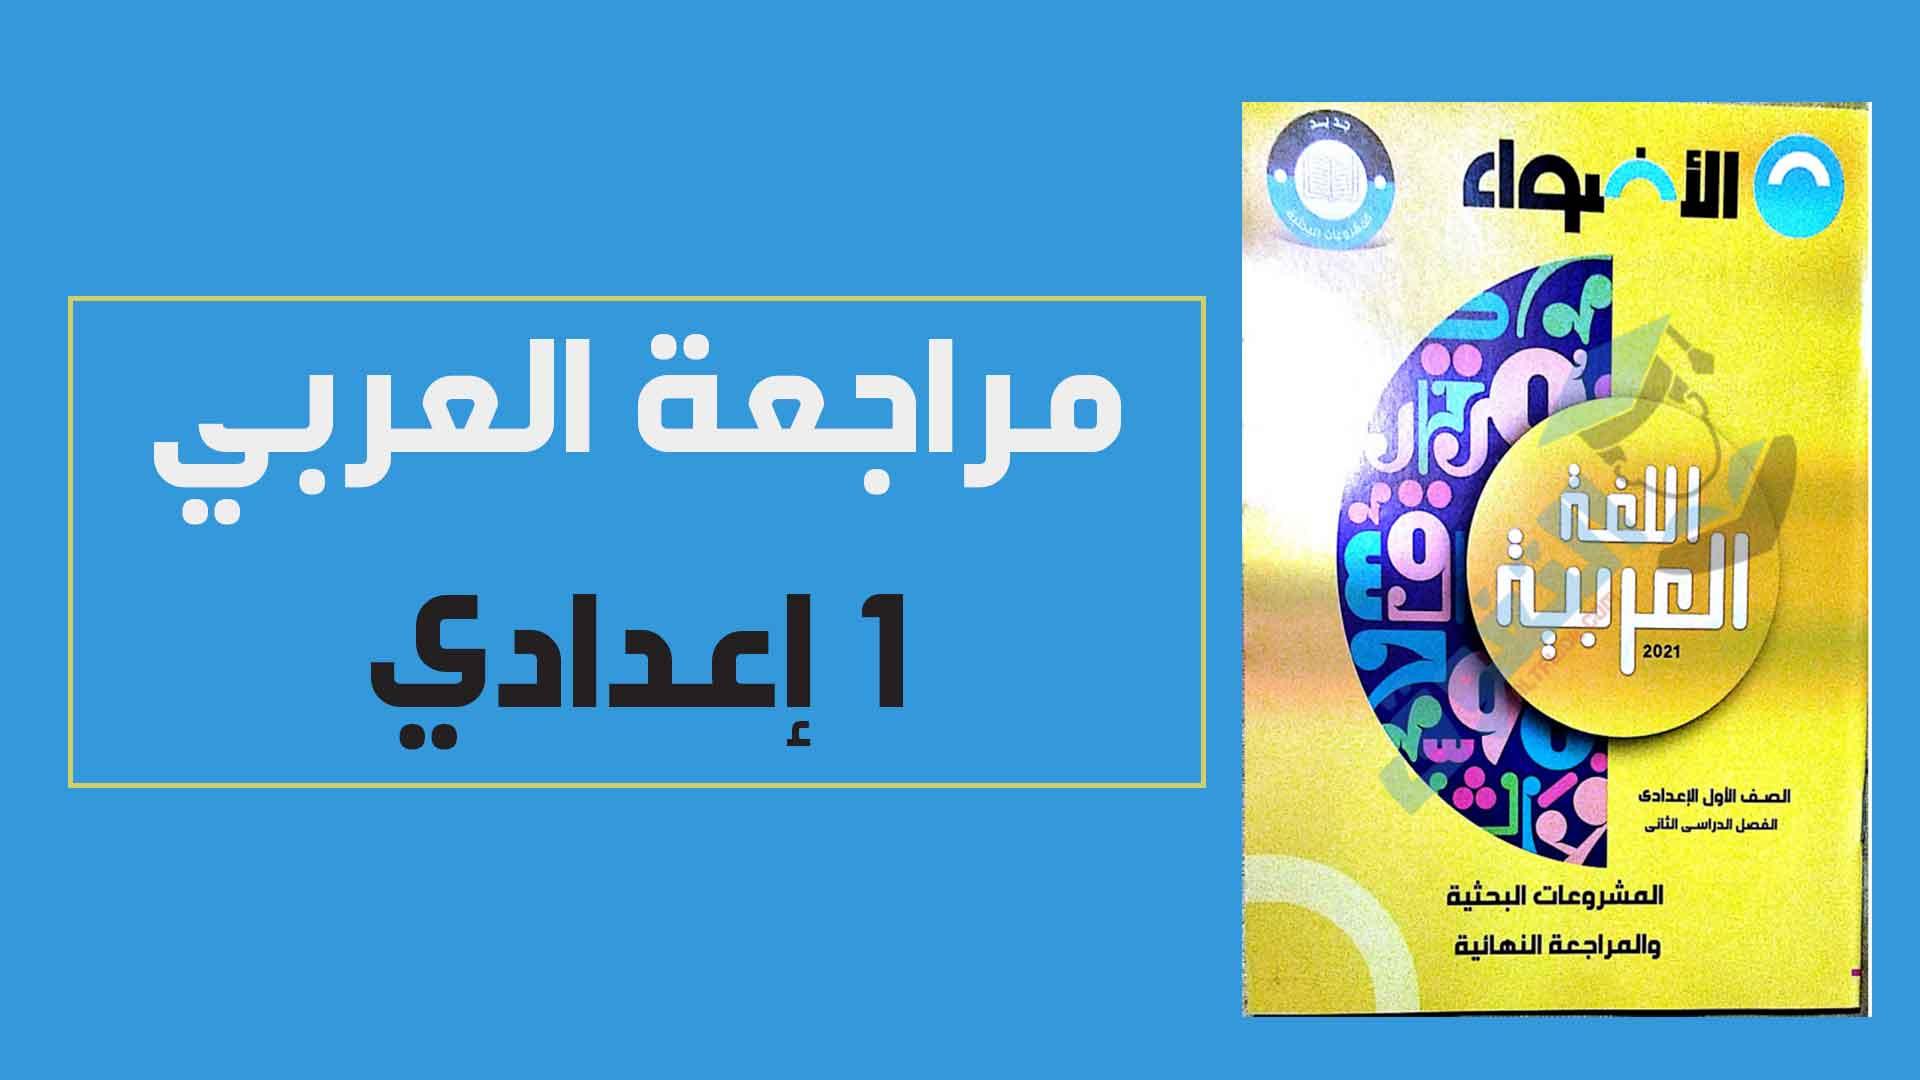 تحميل كتاب الاضواء فى اللغة العربية للصف الاول الإعدادى الترم الثانى 2021 النسخة الجديدة pdf (كتاب المراجعة النهائية والمشروعات البحثية)